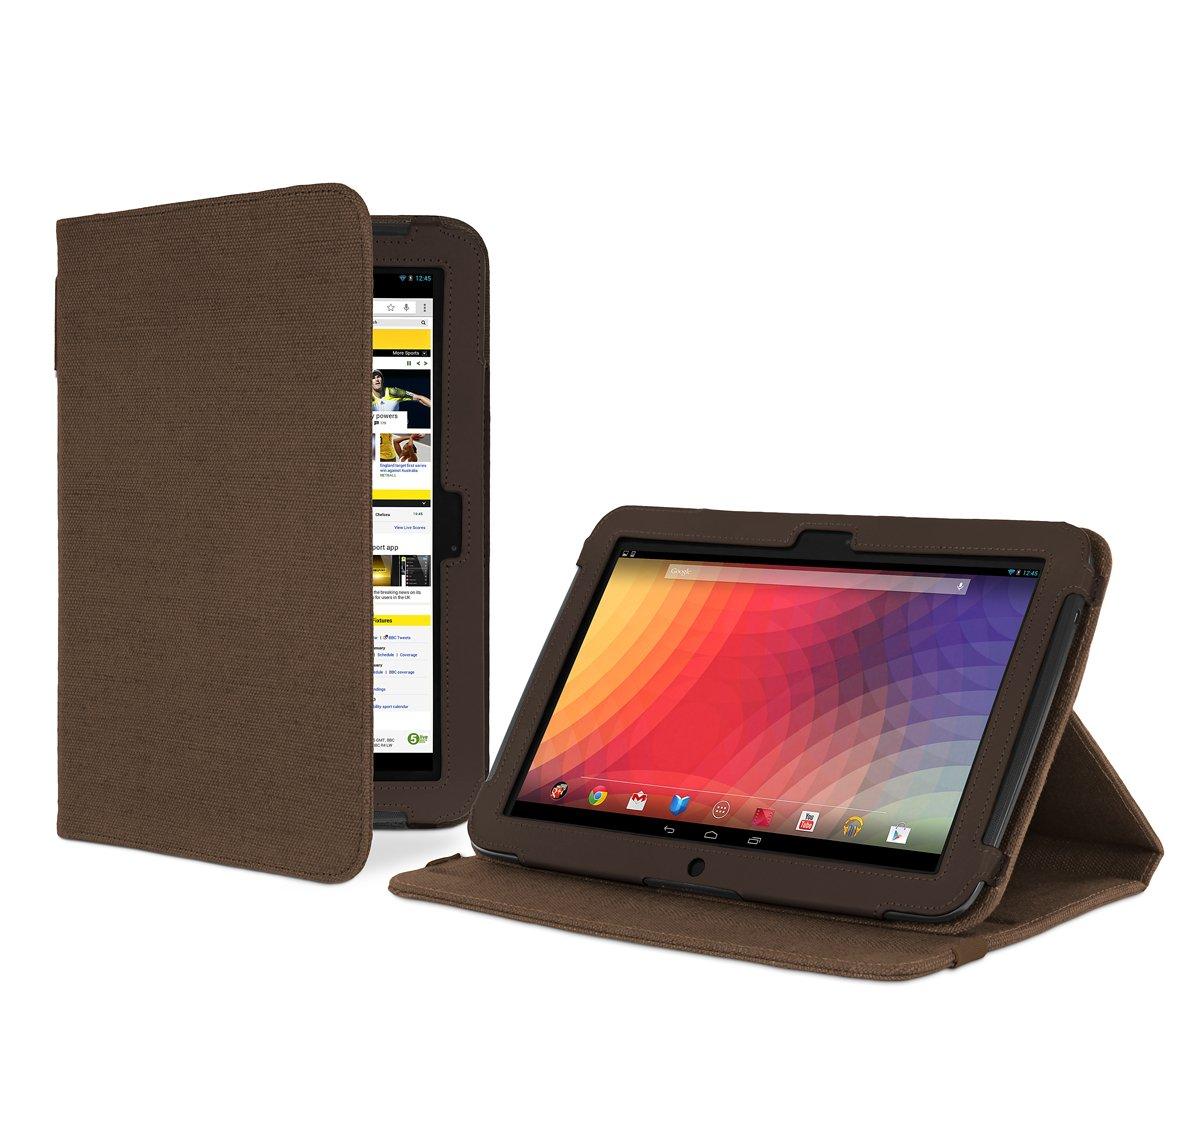 Cover-Up - Funda con función de atril para Google Nexus 10 (cáñamo, función de apagado y suspensión automática), color marrón  Informática Más información y revisión del cliente